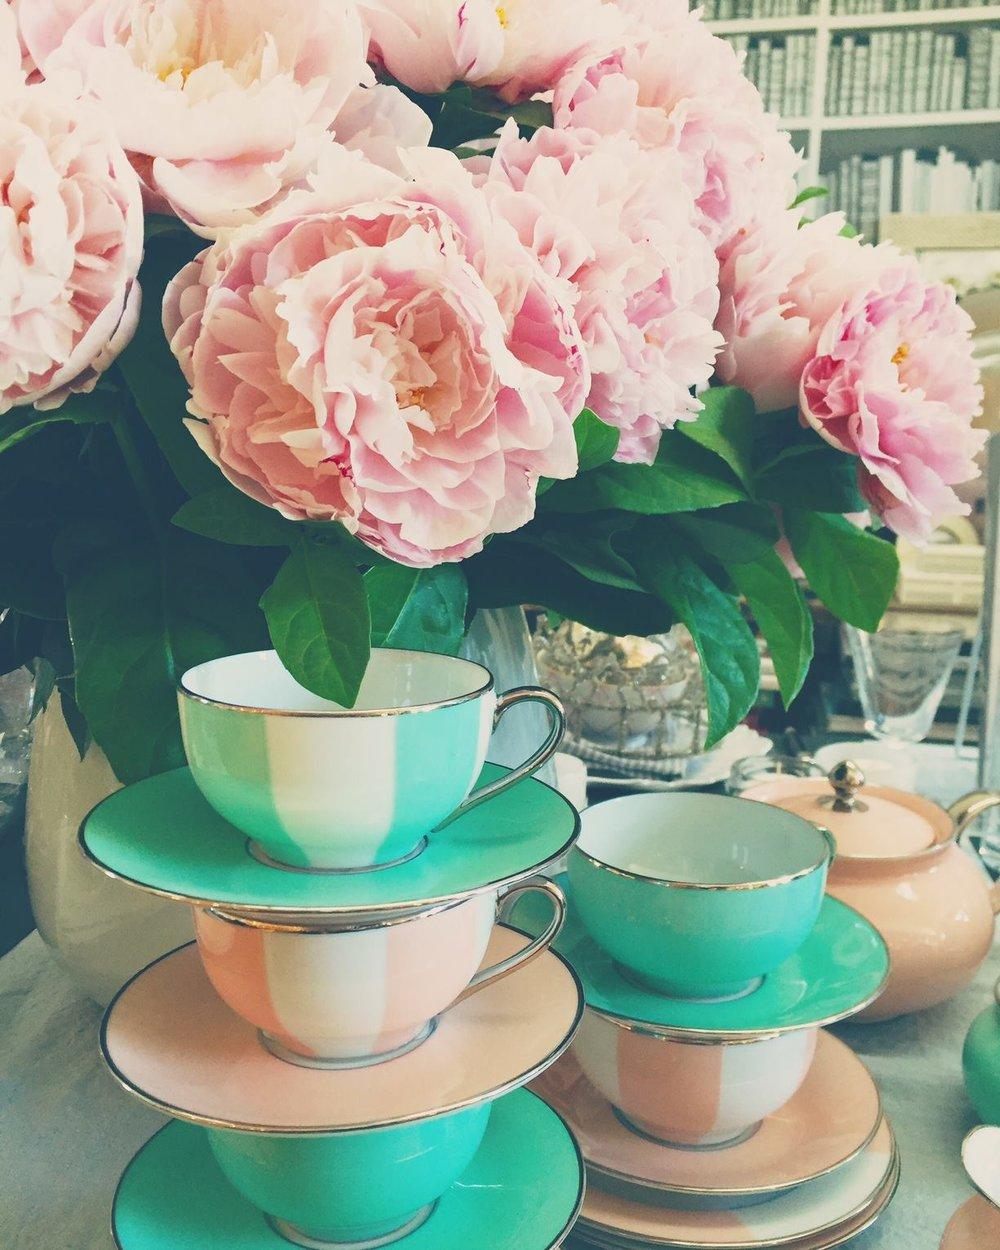 magnolia-interiors6.jpg